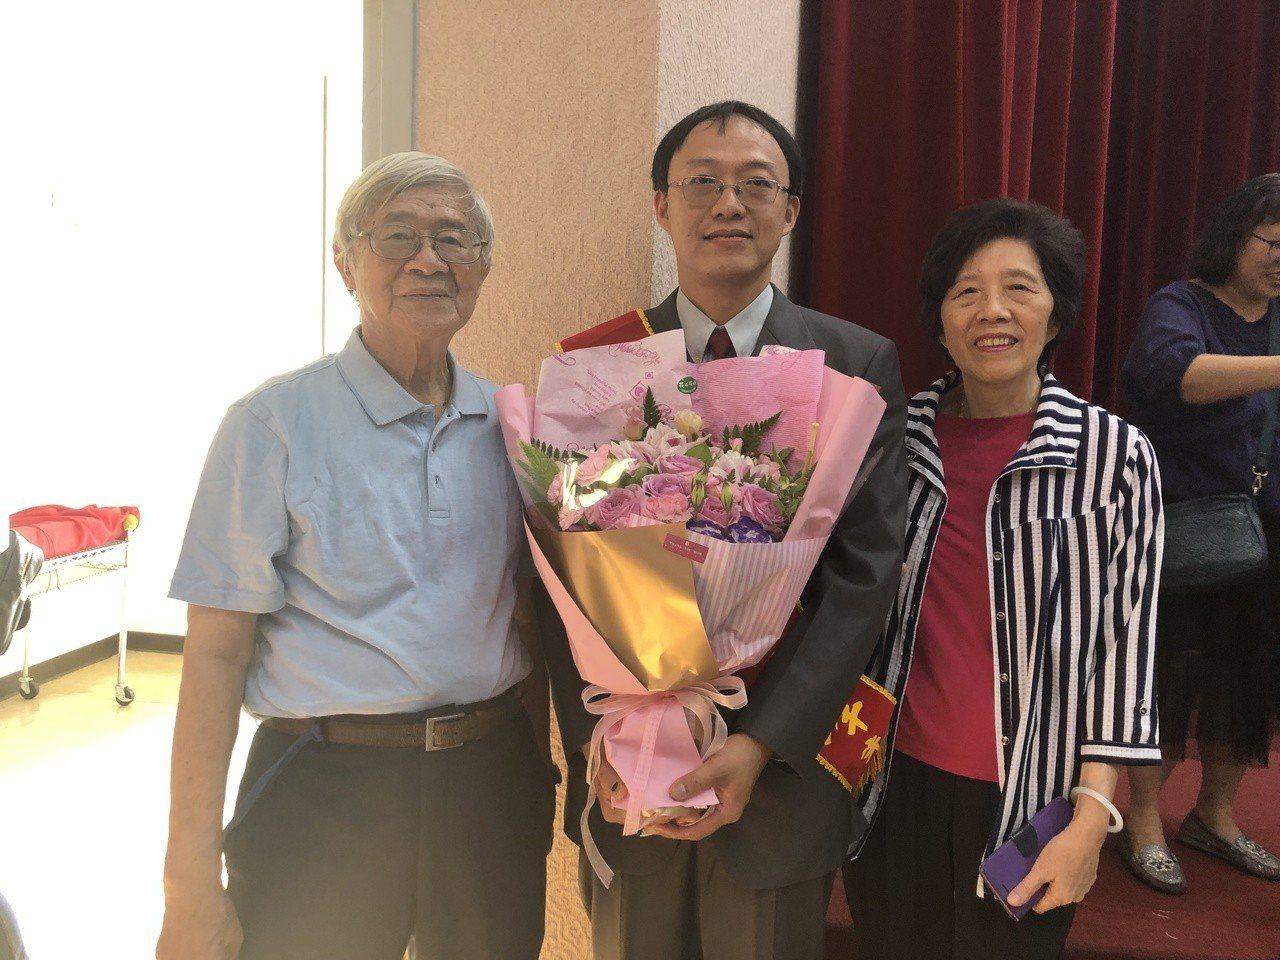 得獎人教保員黃士峰(中)與他的爸媽。 圖/中華民國啟智協會提供